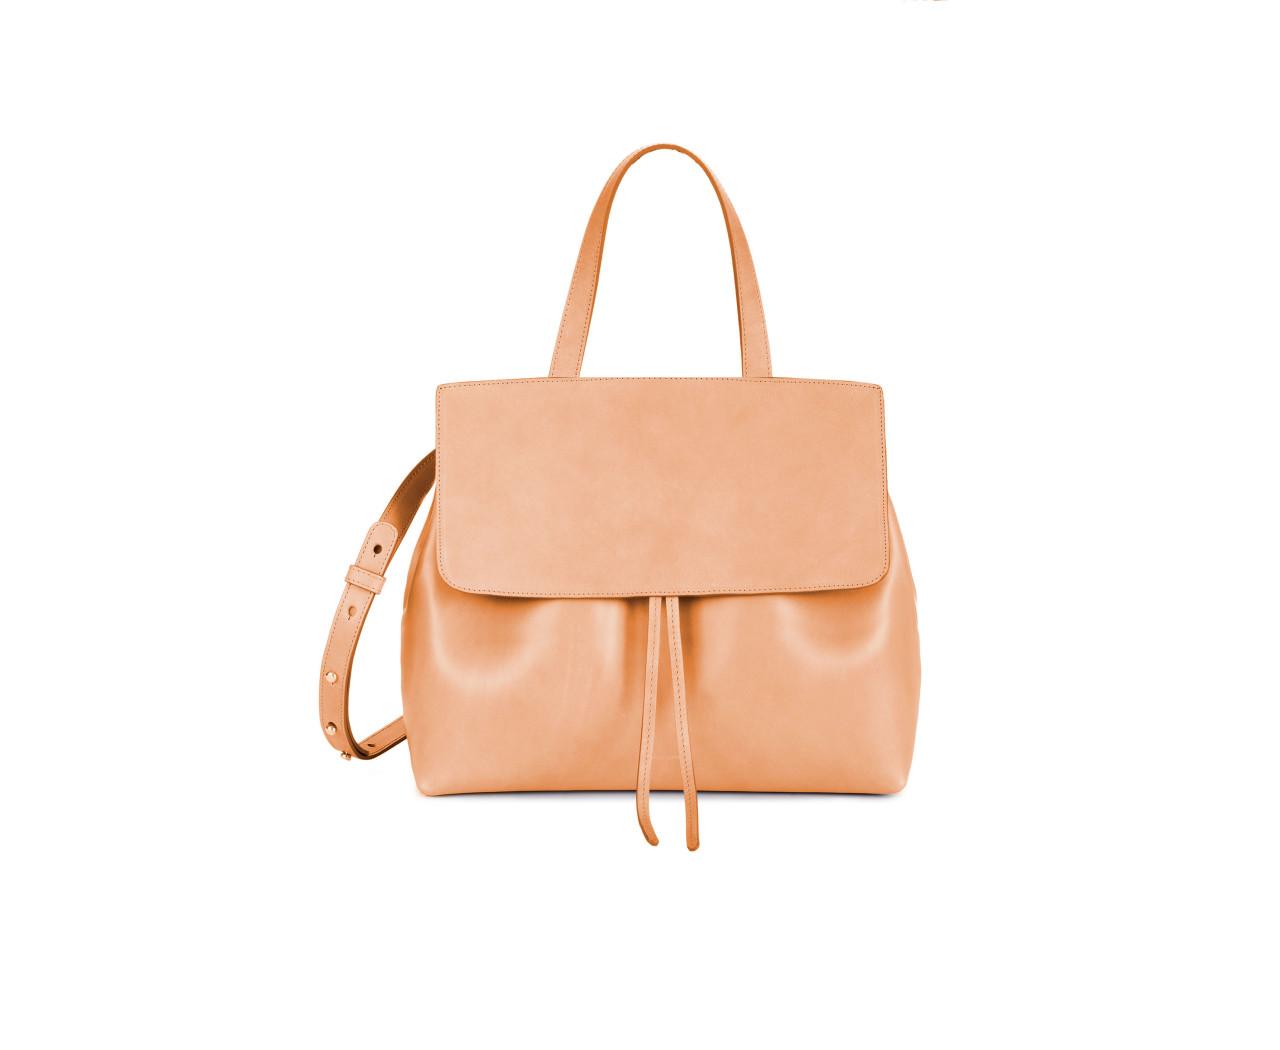 Mansur Gavriel Lady Bag via TresChicNow.com